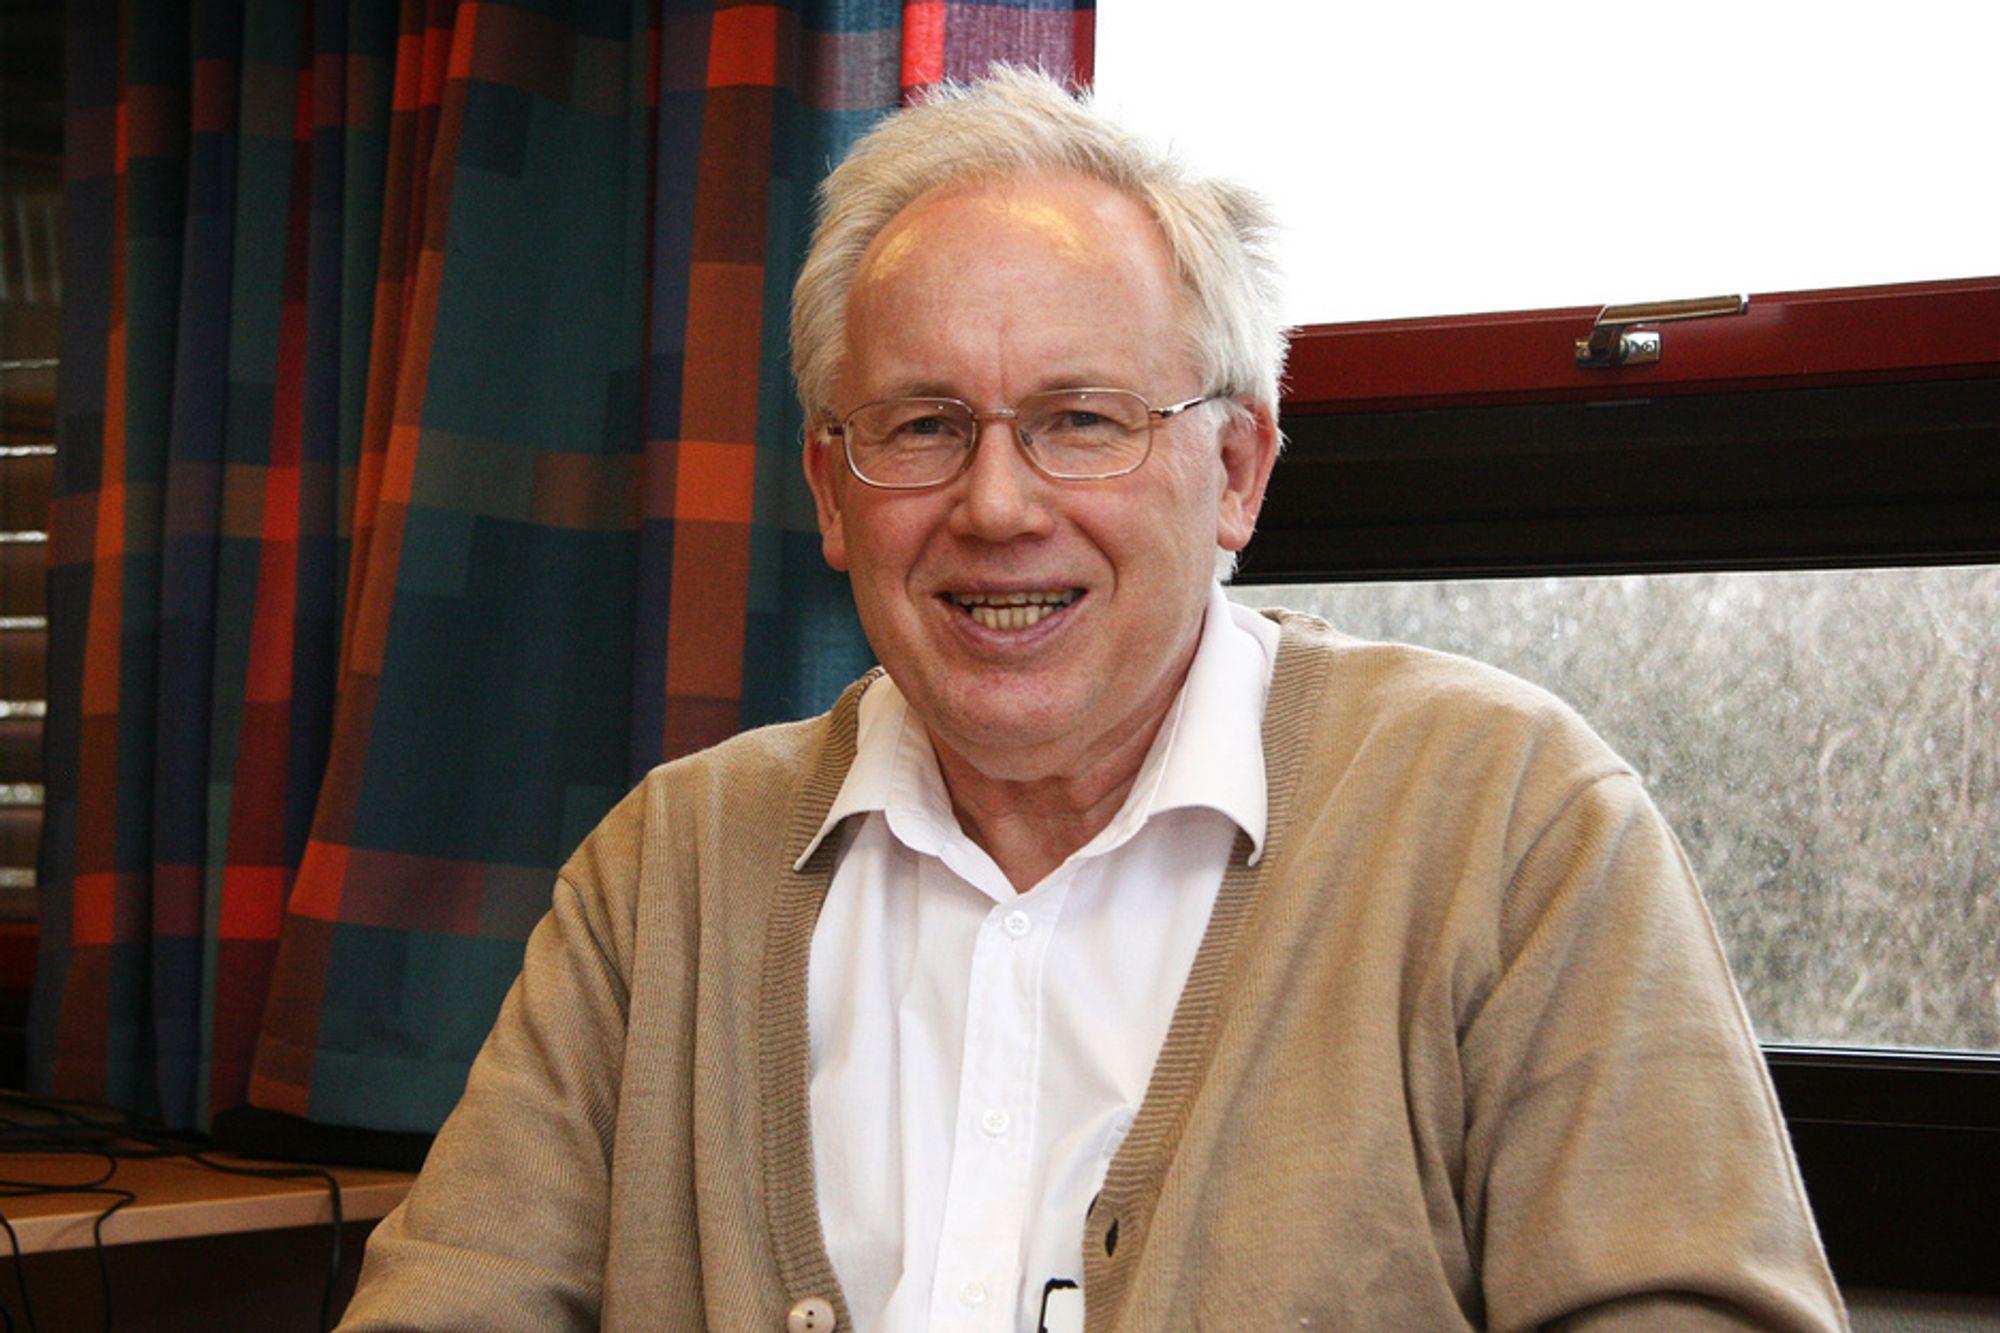 STYRER: Jan Halstensen er styreleder i BNL. Nå vil han endre organisasjonen.